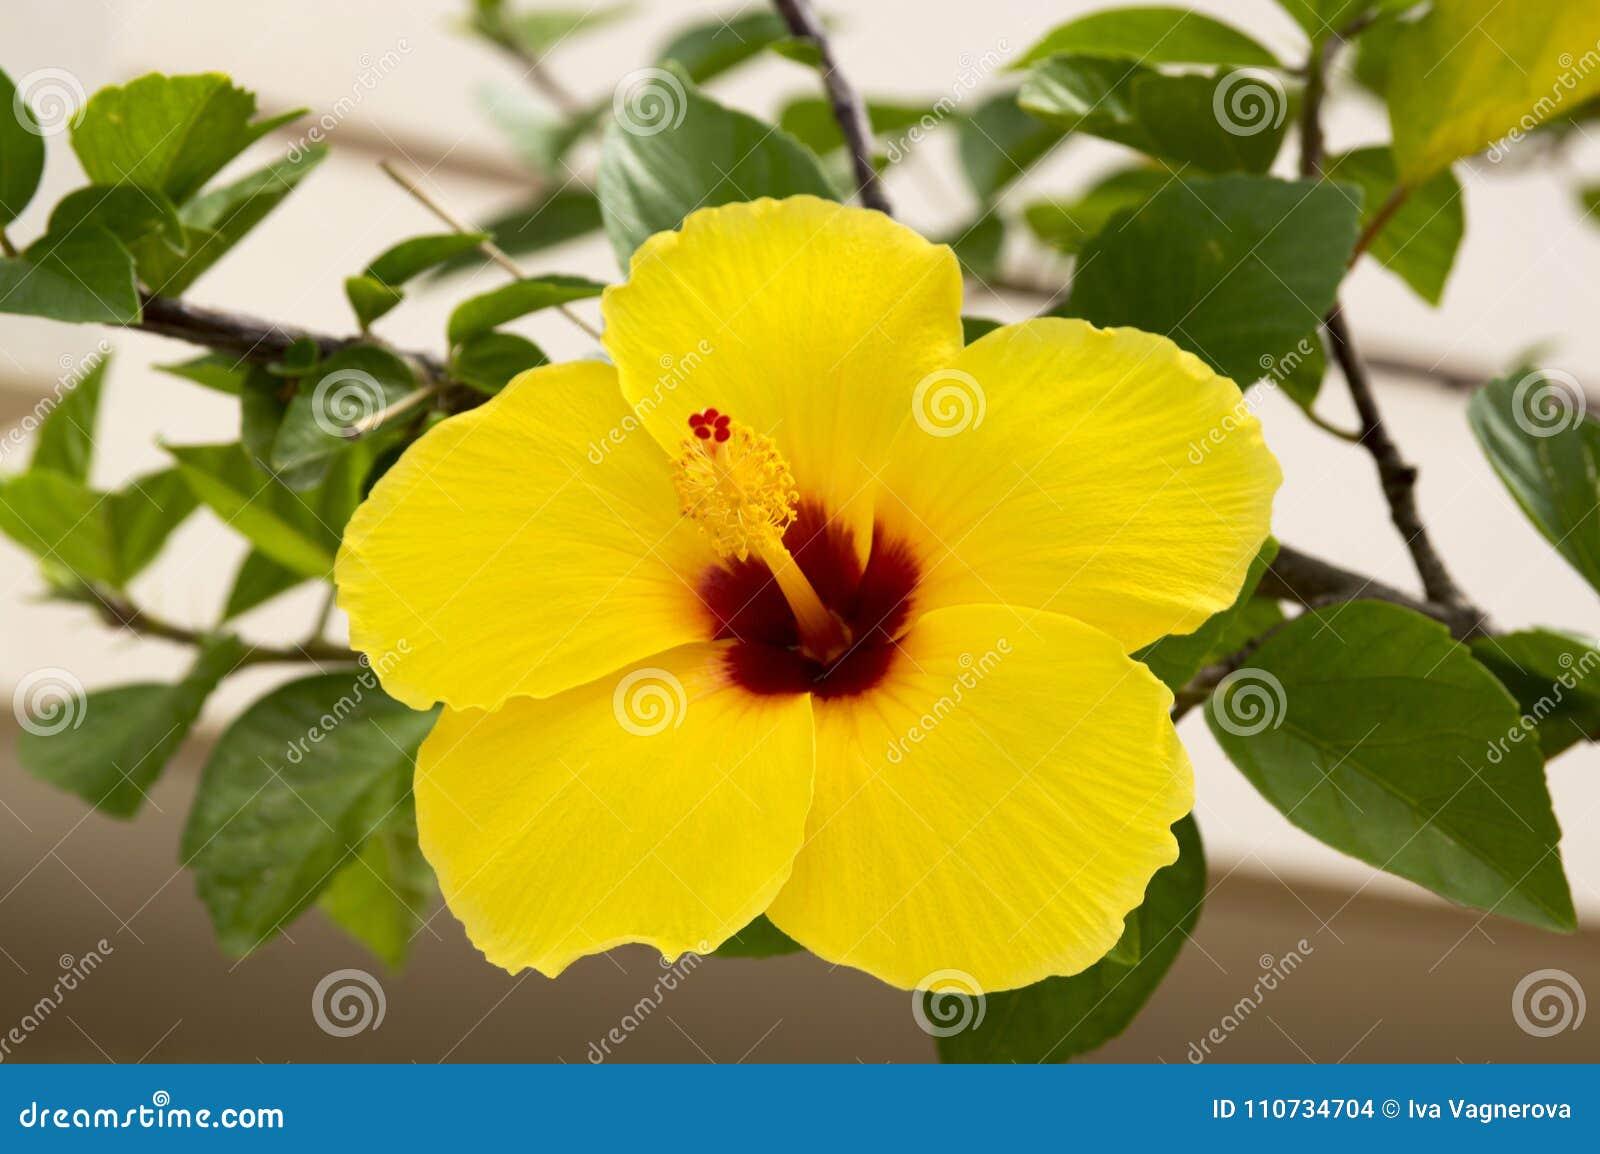 Hibiscus rosa sinensis chinese hibiscus flowering shrub amazing download hibiscus rosa sinensis chinese hibiscus flowering shrub amazing yellow flower stock photo izmirmasajfo